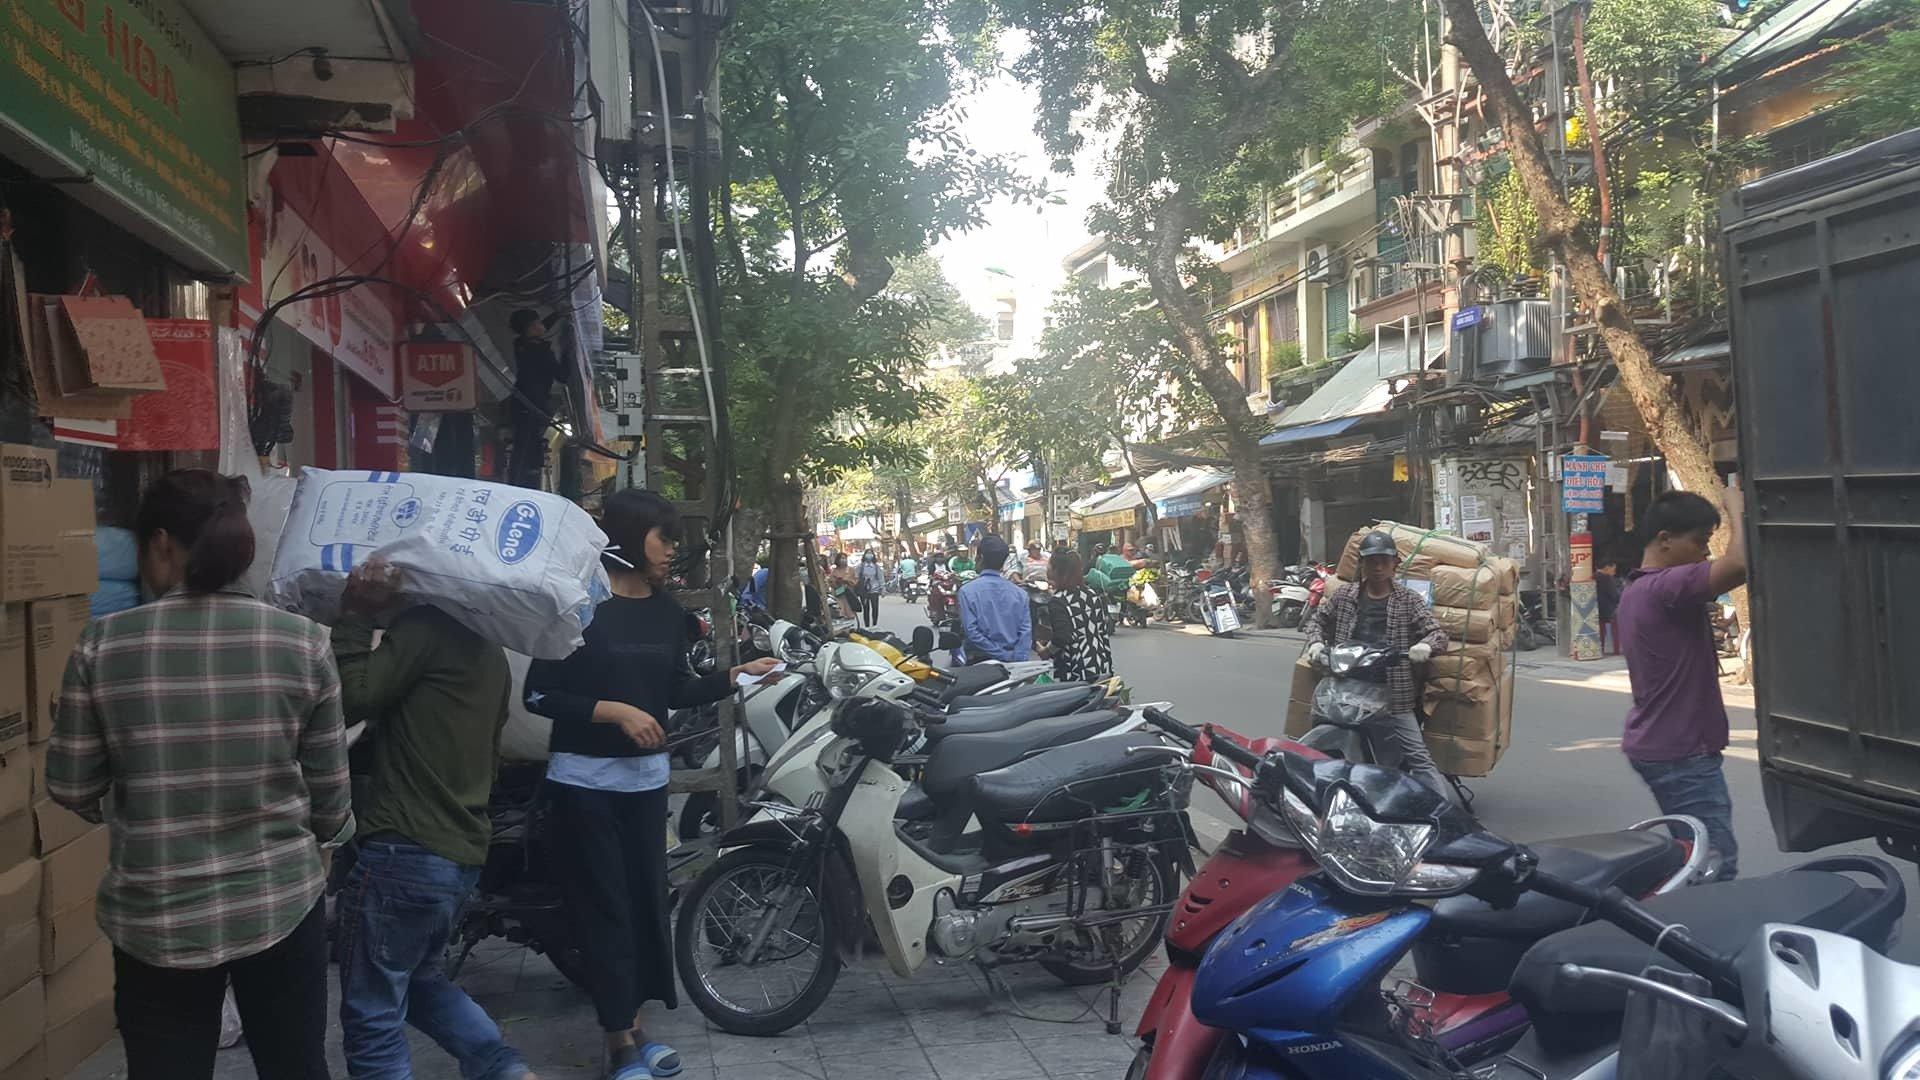 Giao dịch ngầm tại chợ 'sung sướng' ở phố cổ Hà Nội-1